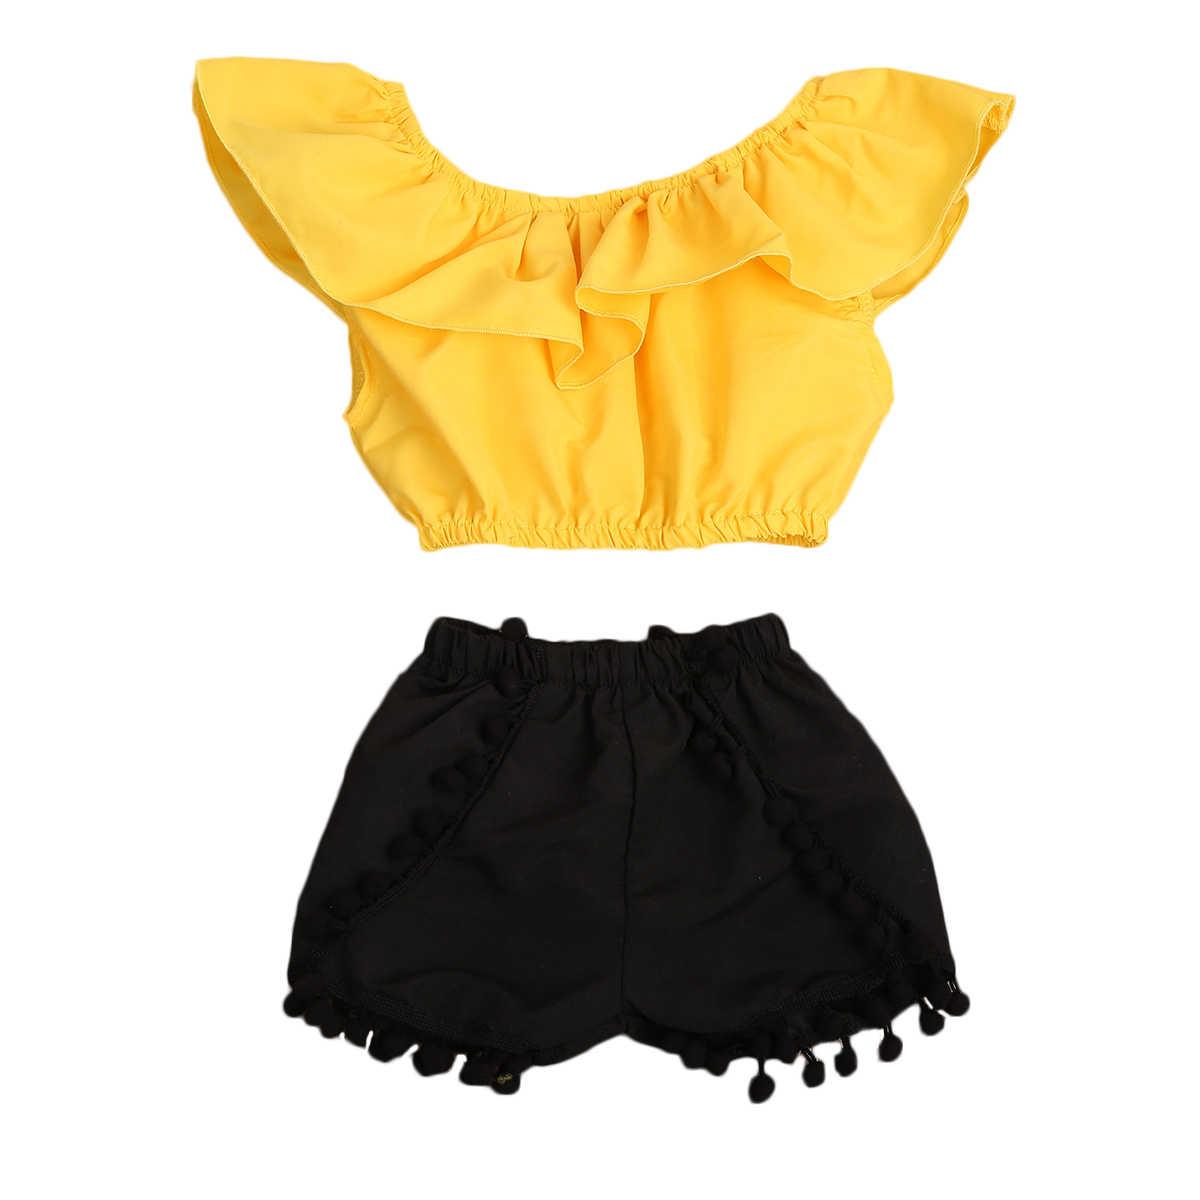 Комплект одежды для маленьких детей  комплект для девочек топ футболки  кисточкой короткие штаны Летние для c70bf4fe01d